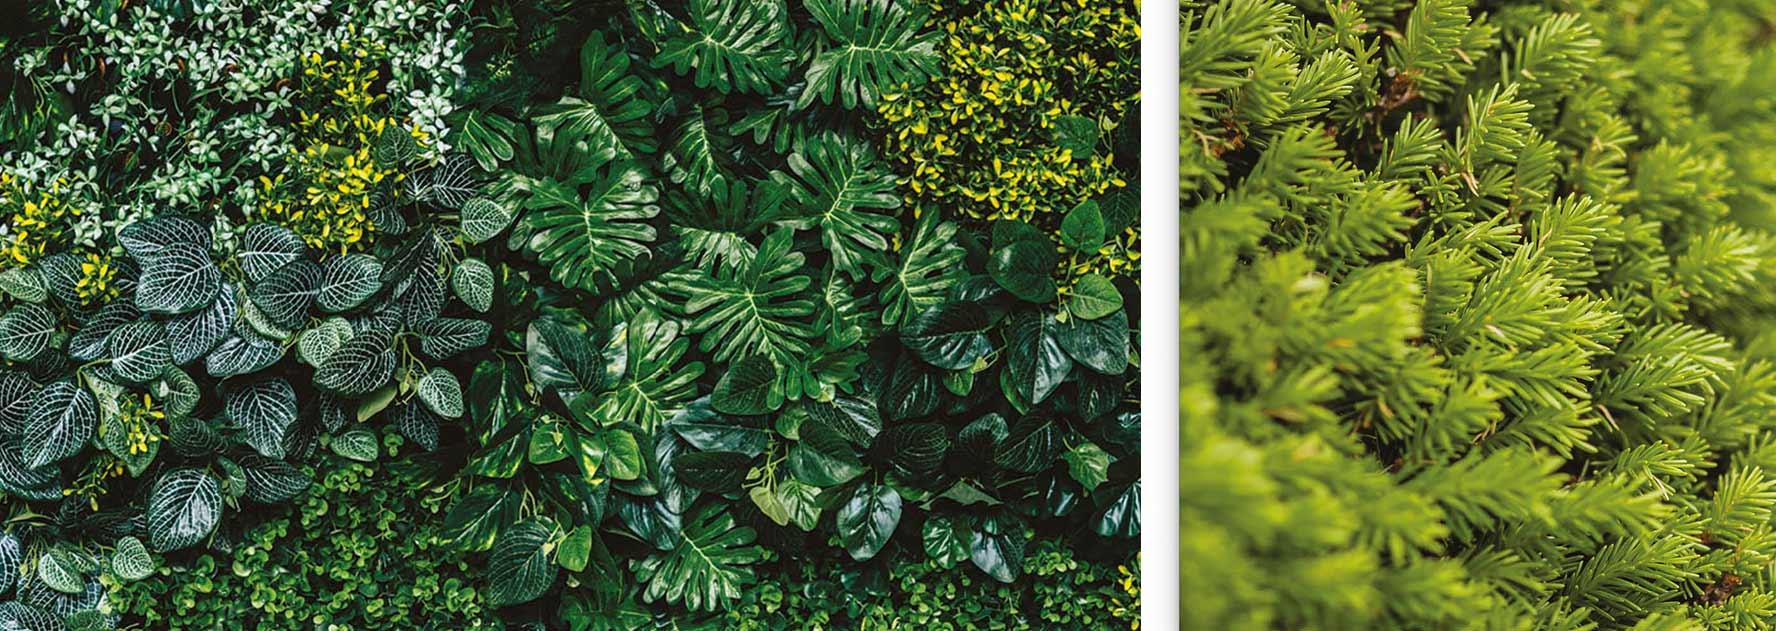 Full Size of Vertikal Garden Vertical Vegetable Pdf Wall In India Gardening Tower Garten Selber Bauen Indoor Amazon Led Design Plants Diy Aussen Kinderhaus Tisch Edelstahl Garten Vertikal Garten